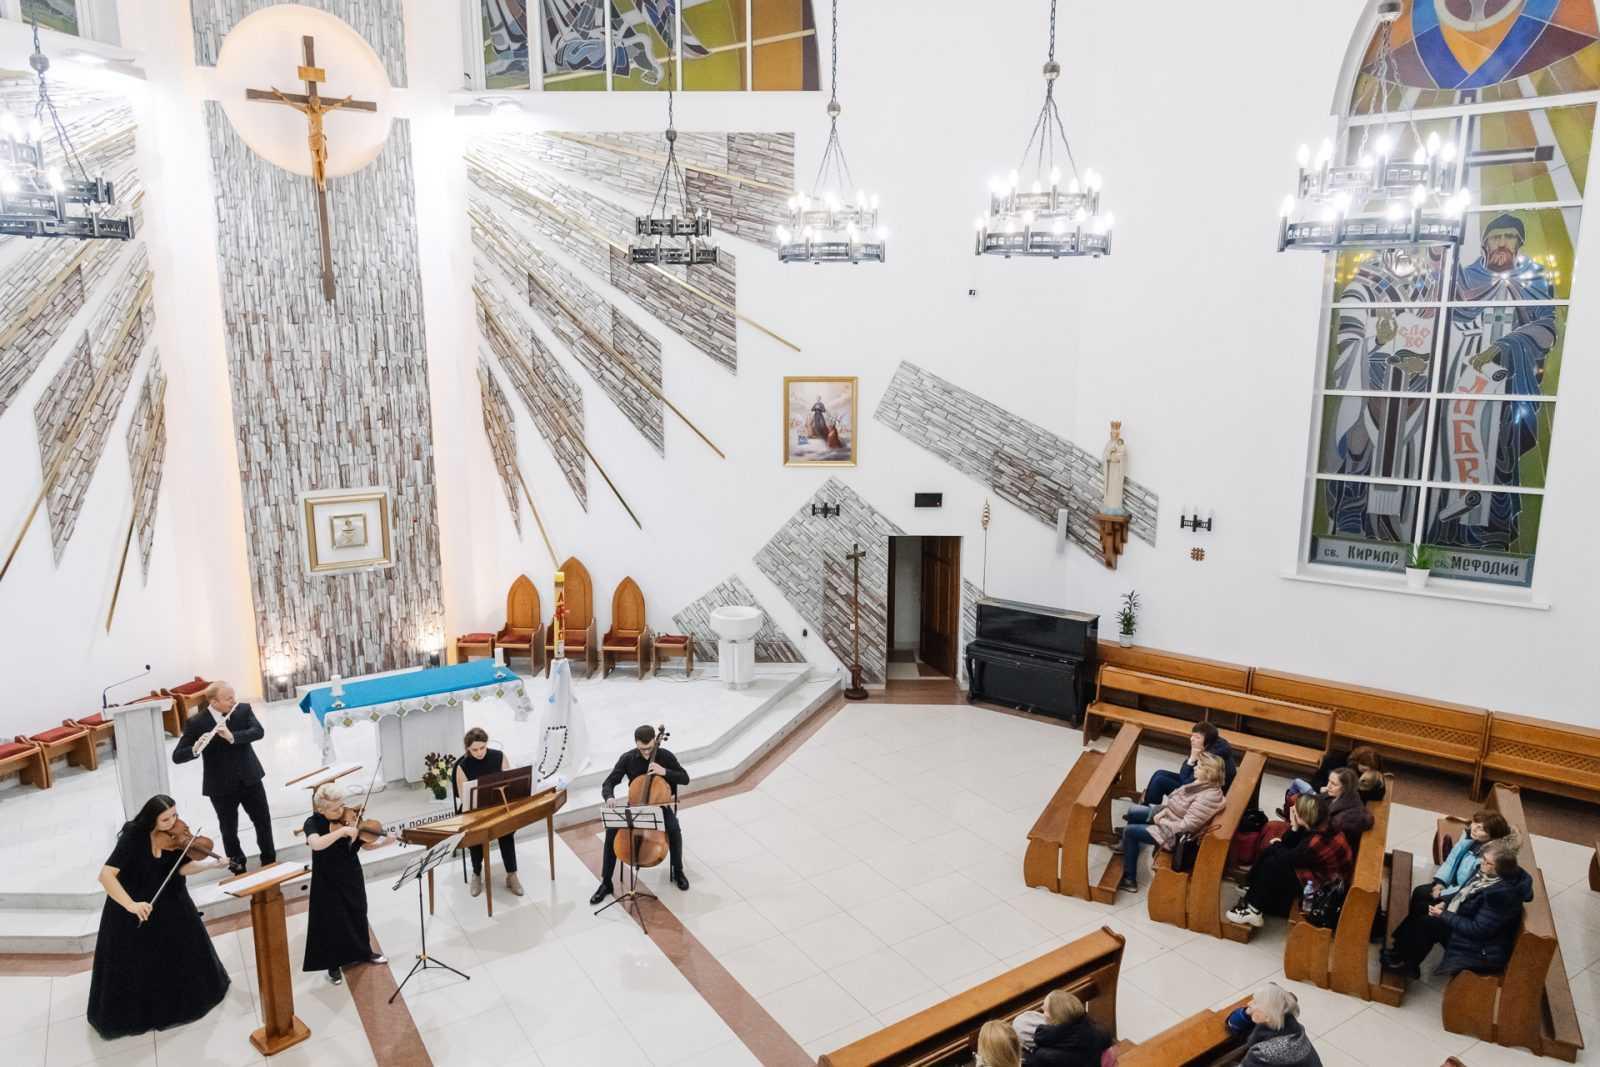 Музыка в храме КОНЦЕРТ «МАСТЕРА БАРОККО» 26.10.2019 32